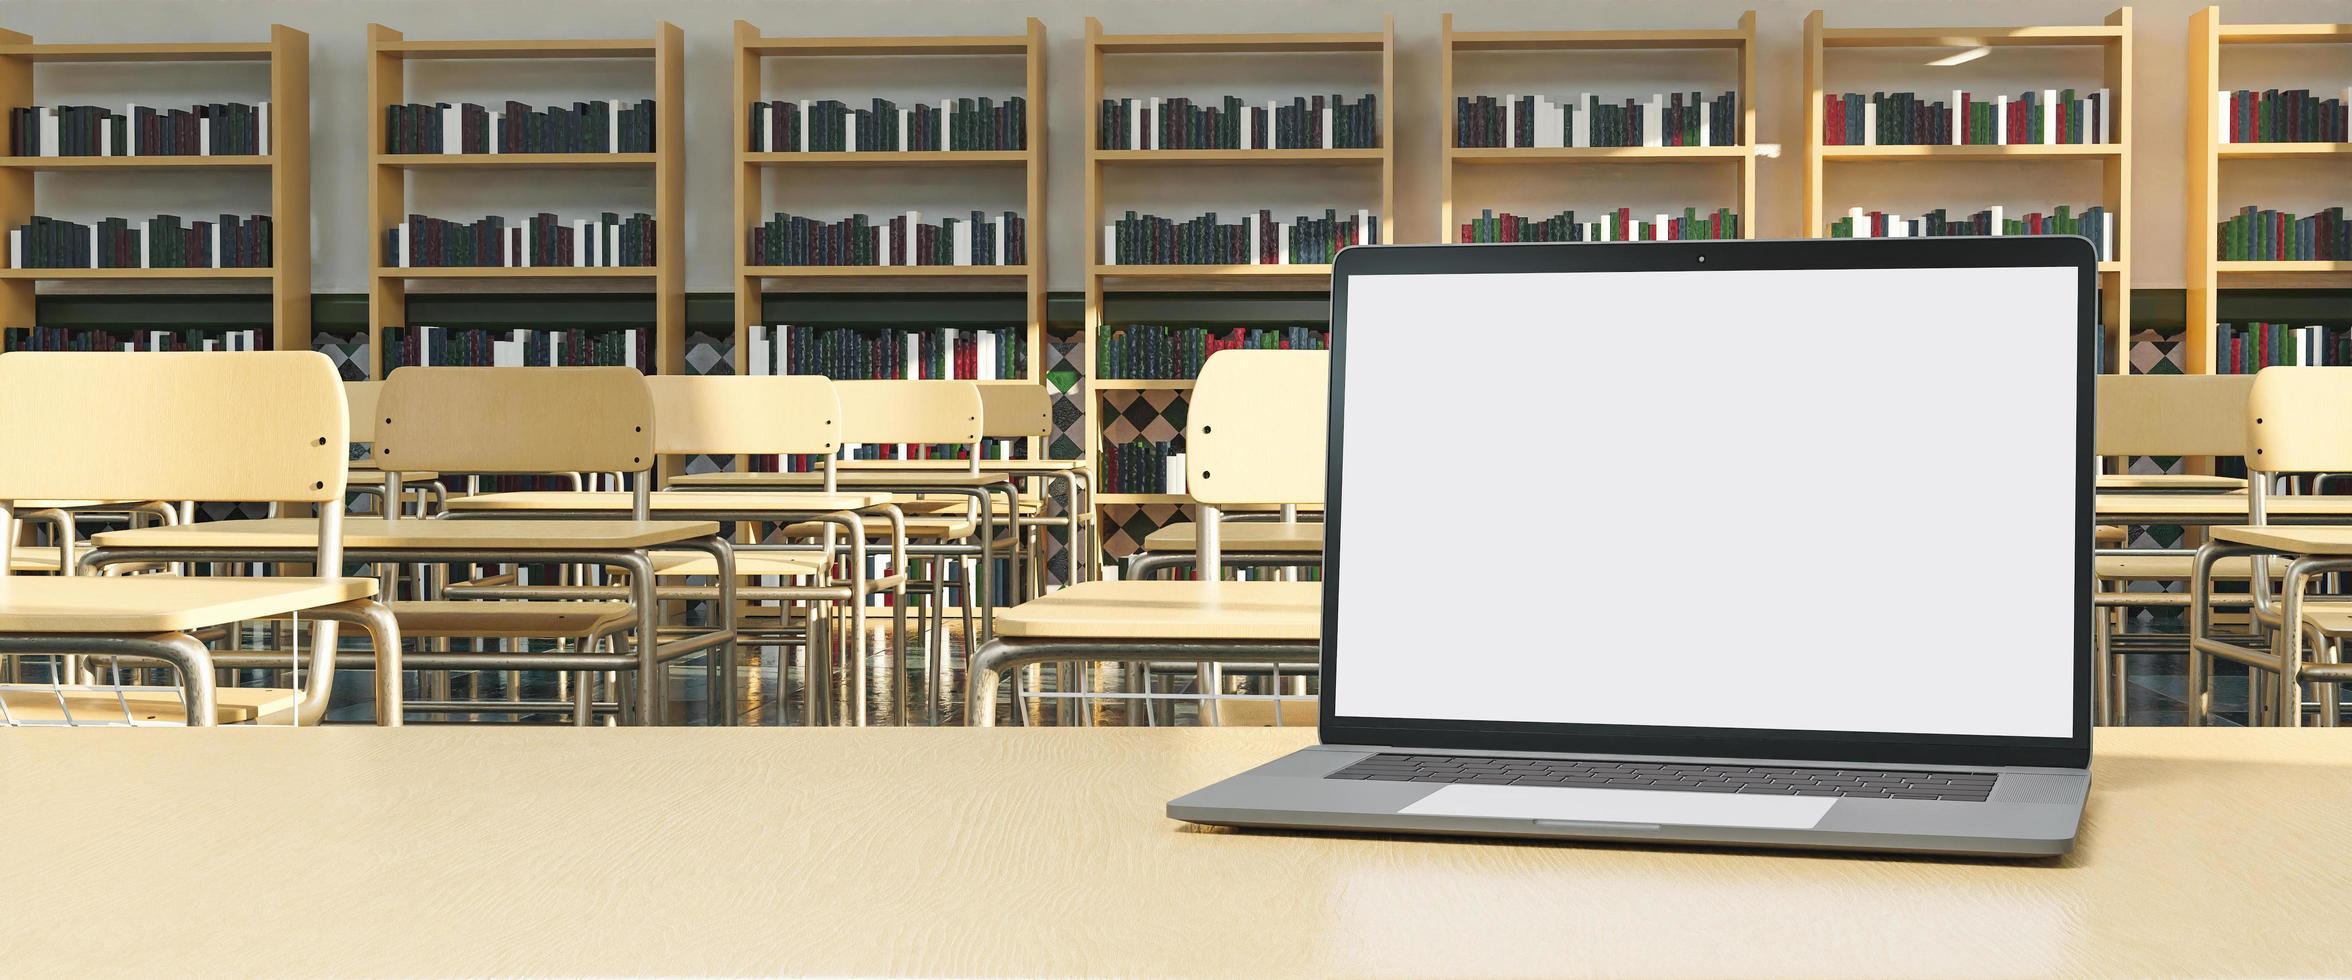 Modell des Laptops auf Lehrertisch mit Schreibtischen im Hintergrund foto